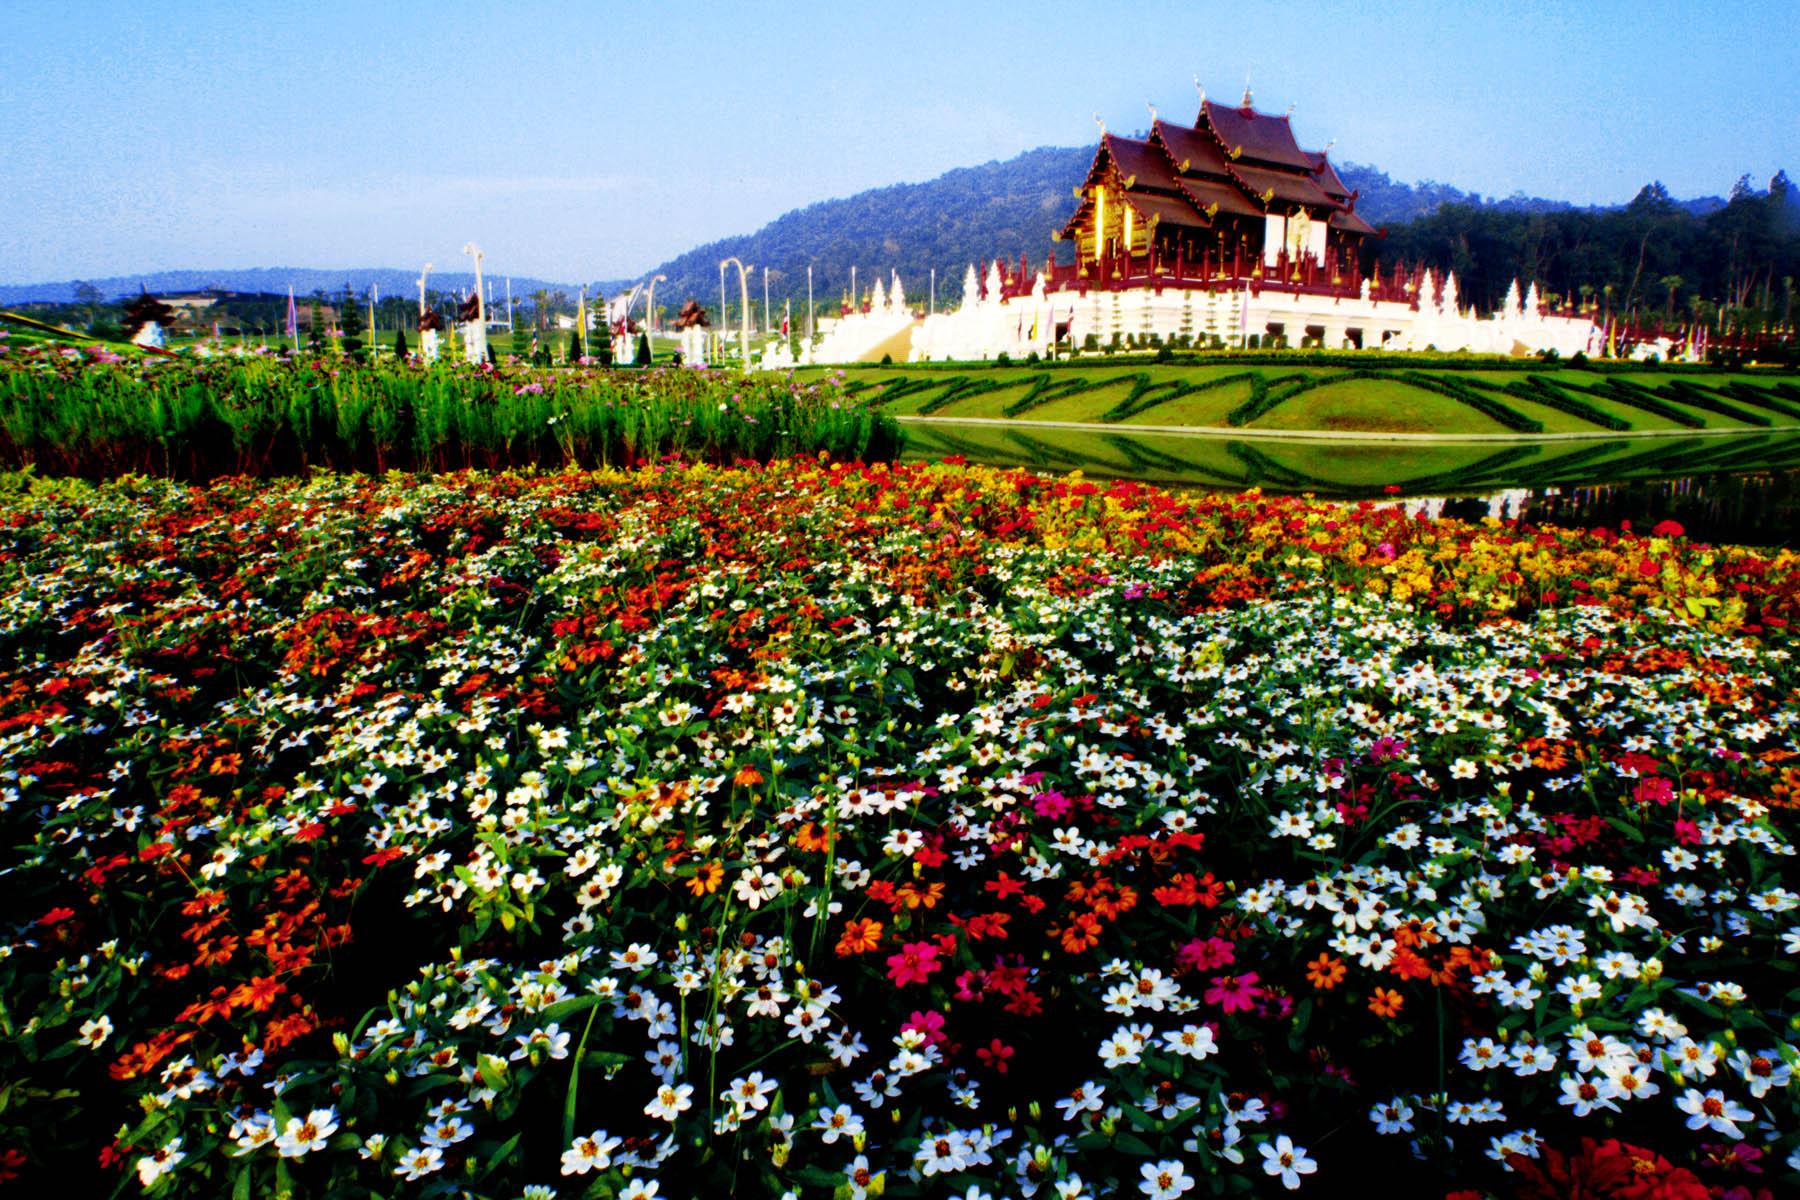 เทศกาลชมสวนอุทยานหลวงราชพฤกษ์